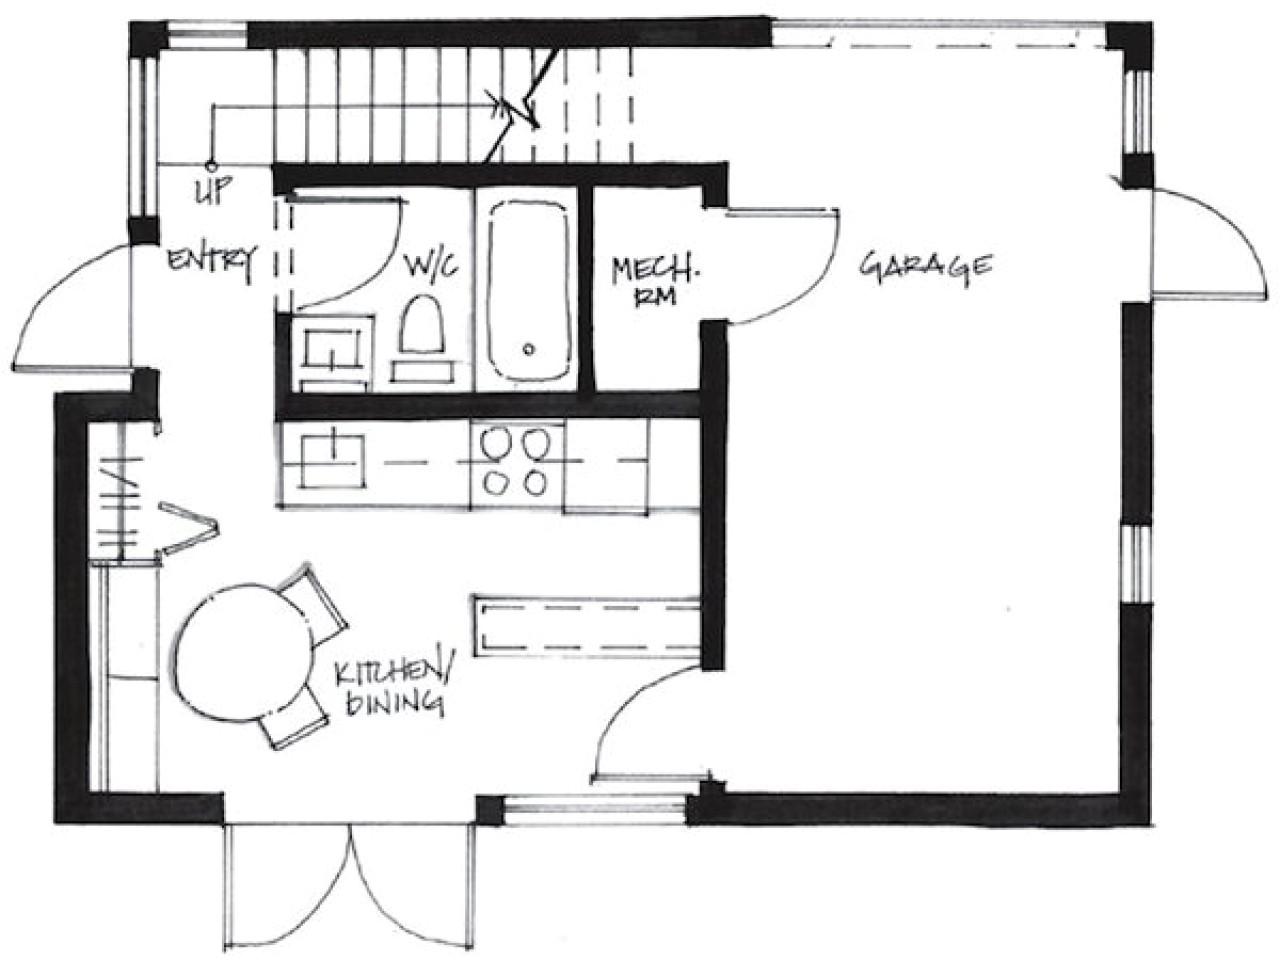 bda6624ba56c506e 500 sq ft cottage plans 500 sq ft tiny house floor plans